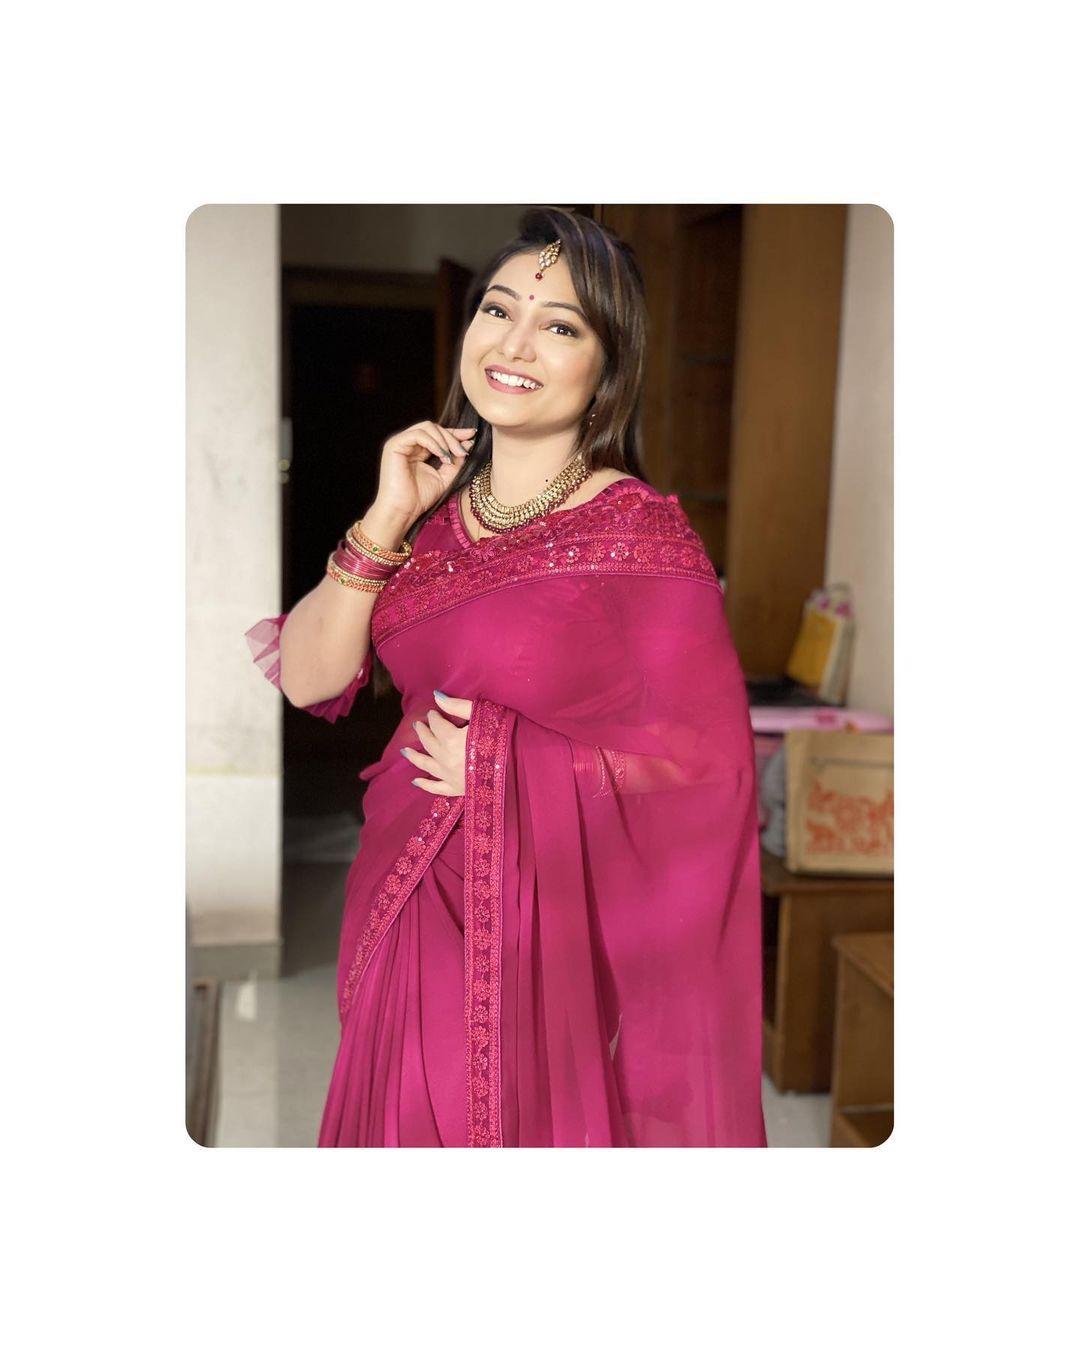 பிரியங்கா நல்காரி (Images: instagram)